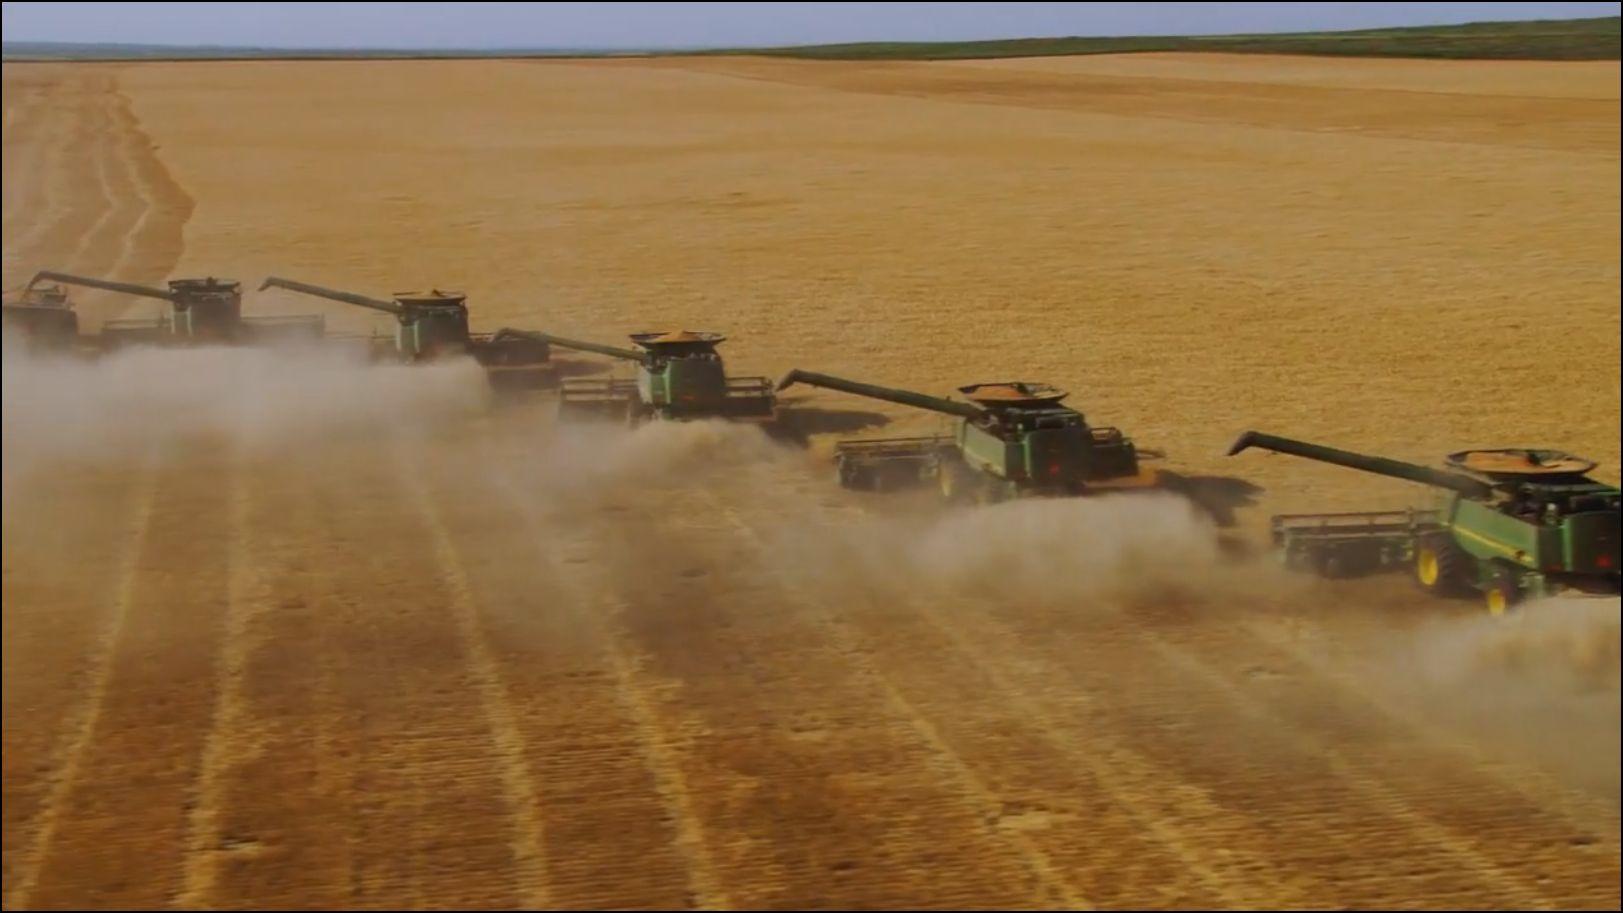 Dans les Etats de l'Ouest, d'énormes étendues ne supportent plus l'agriculture intensive et la terre se désertifie.